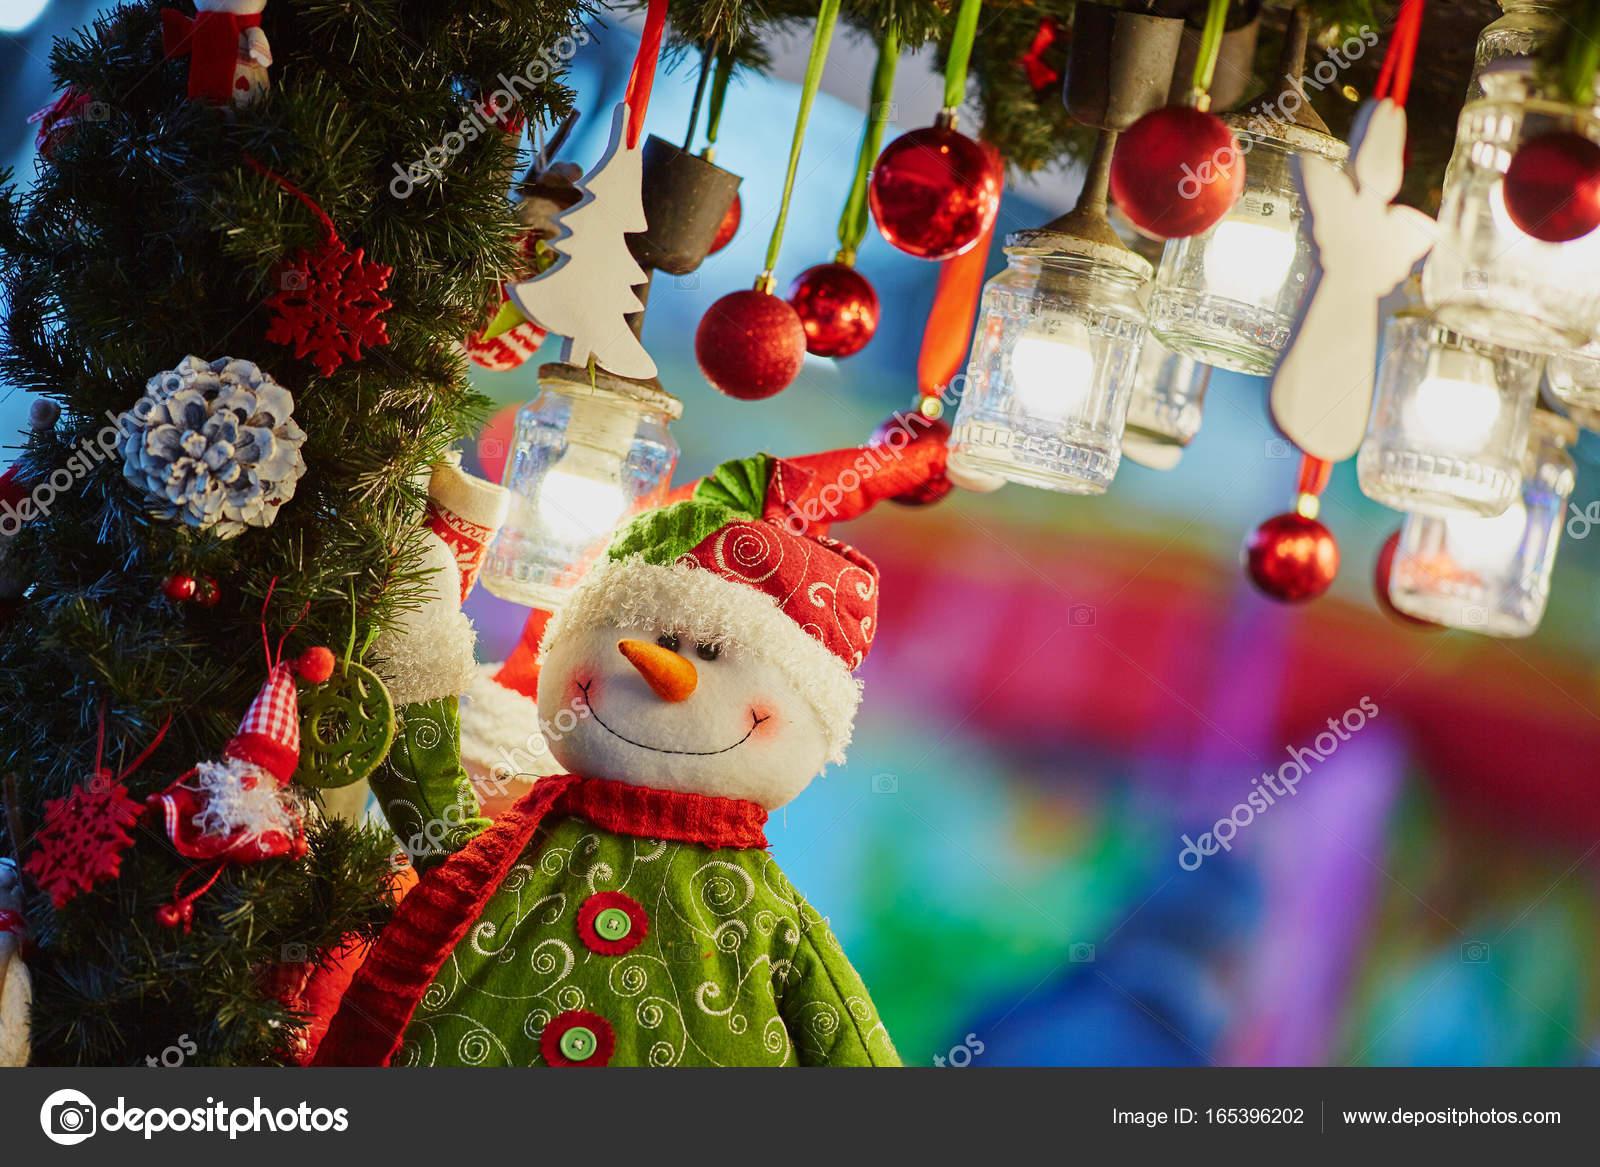 Paris Weihnachtsmarkt.Weihnachtsschmuck Und Glas Laternen Auf Paris Weihnachtsmarkt